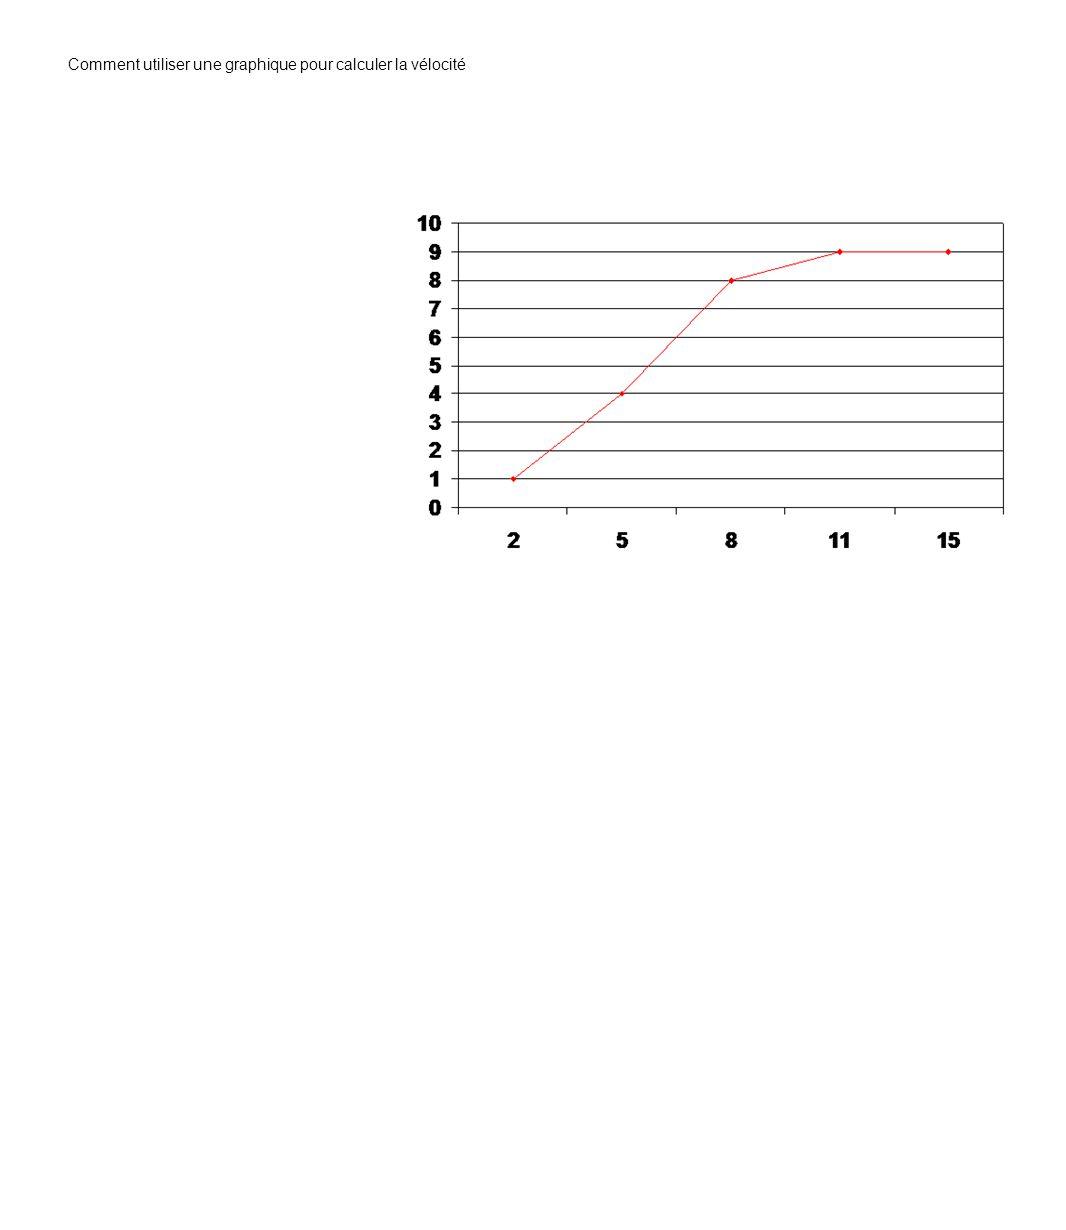 Comment utiliser une graphique pour calculer la vélocité